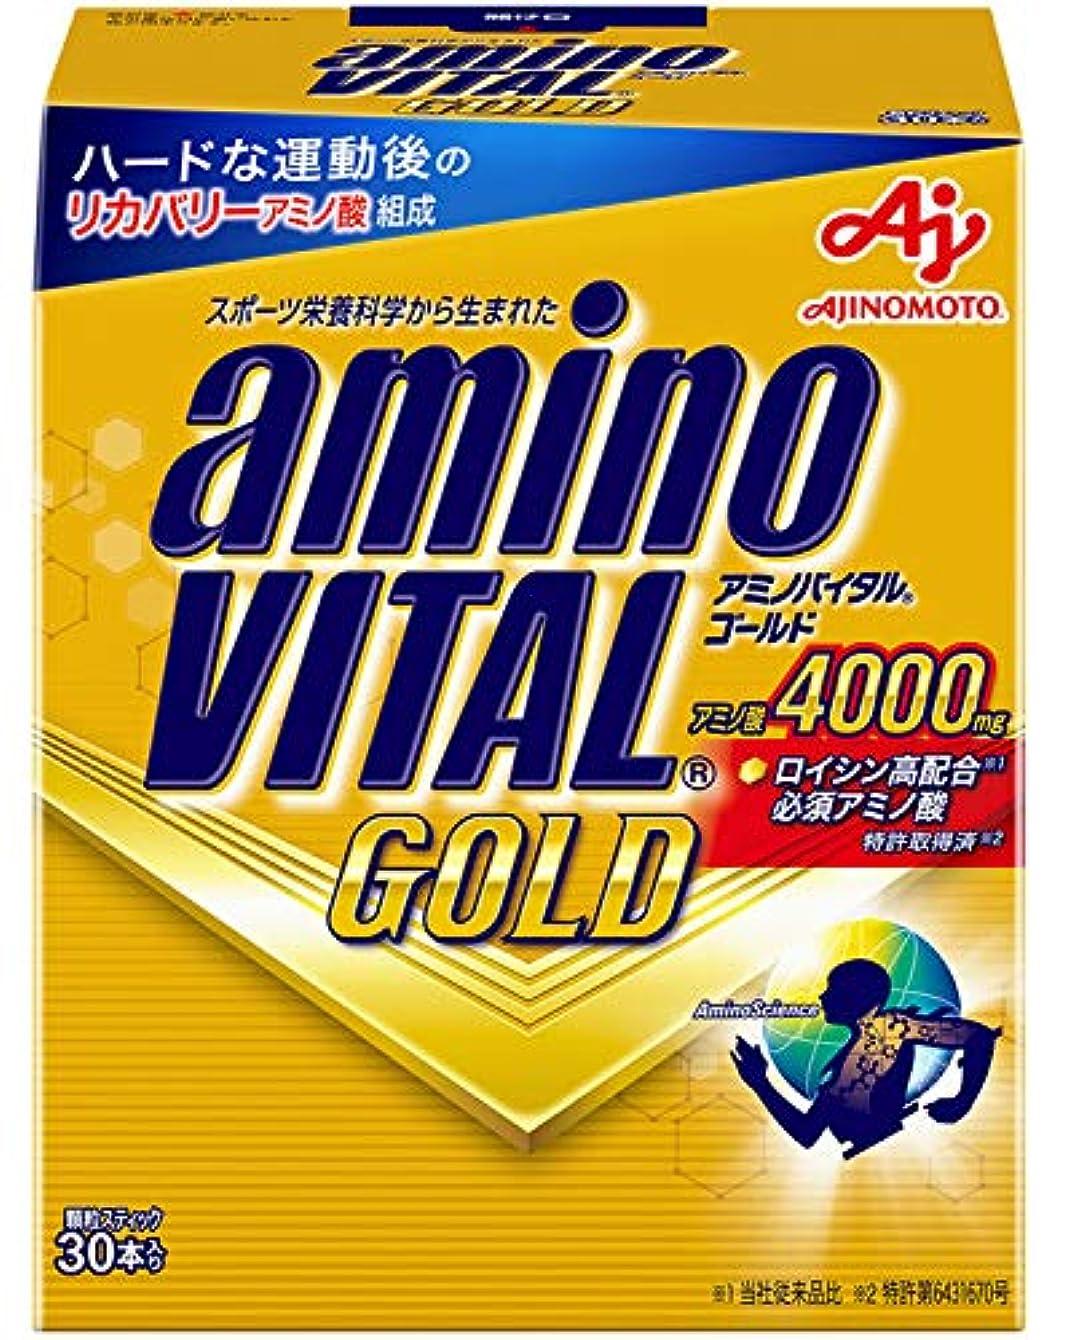 旅客ブレンドエラーアミノバイタル GOLD 30本入箱